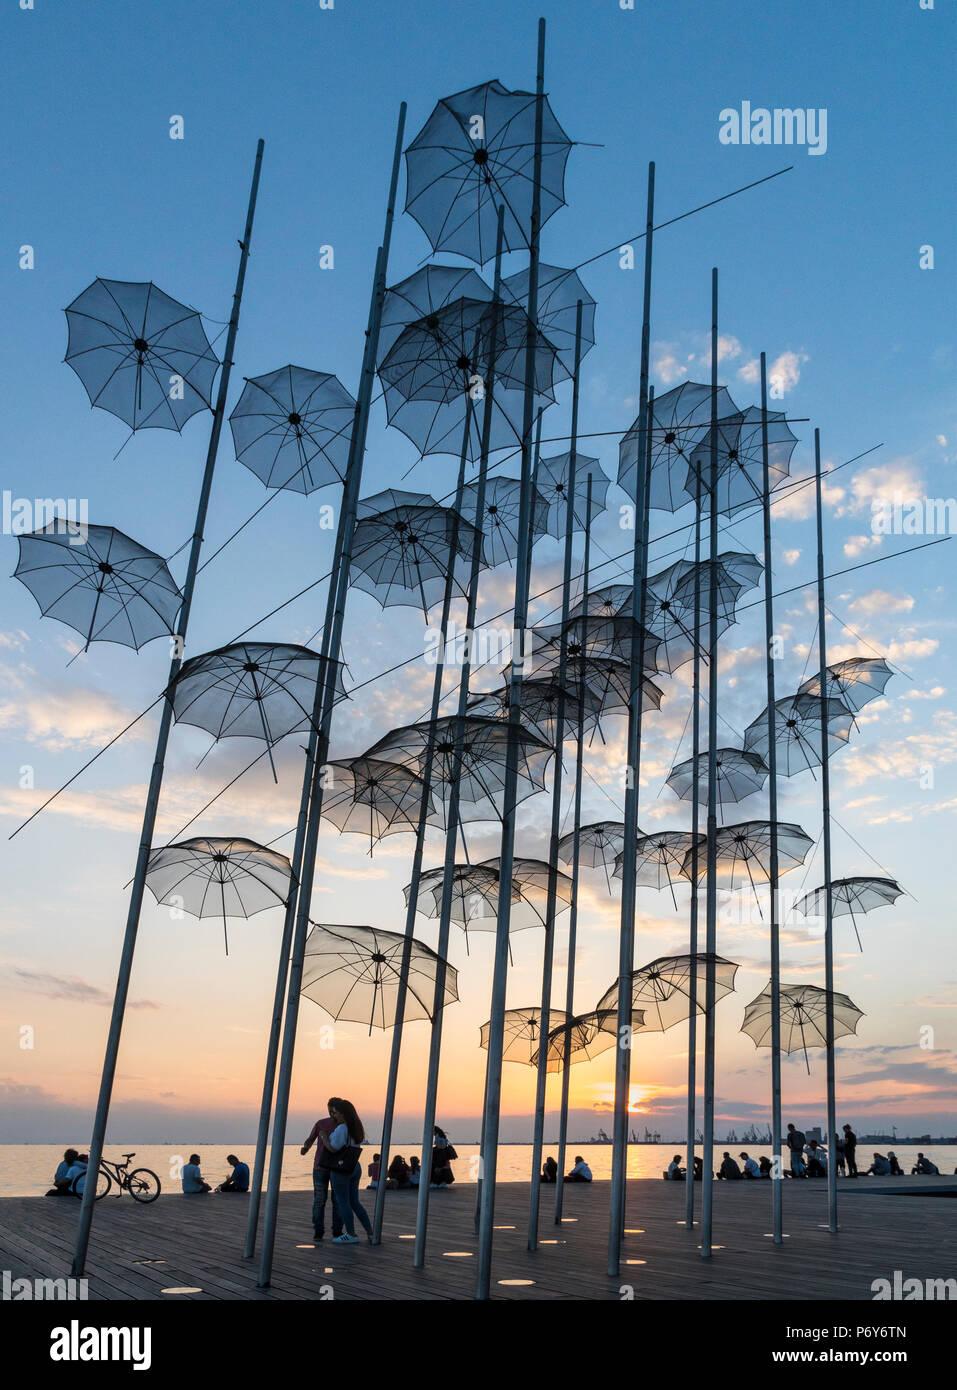 Georgios Zongolopoulos sonnenschirme Skulptur bei Sonnenuntergang auf Thessaloniki Waterfront, Mazedonien, Nordgriechenland Stockbild